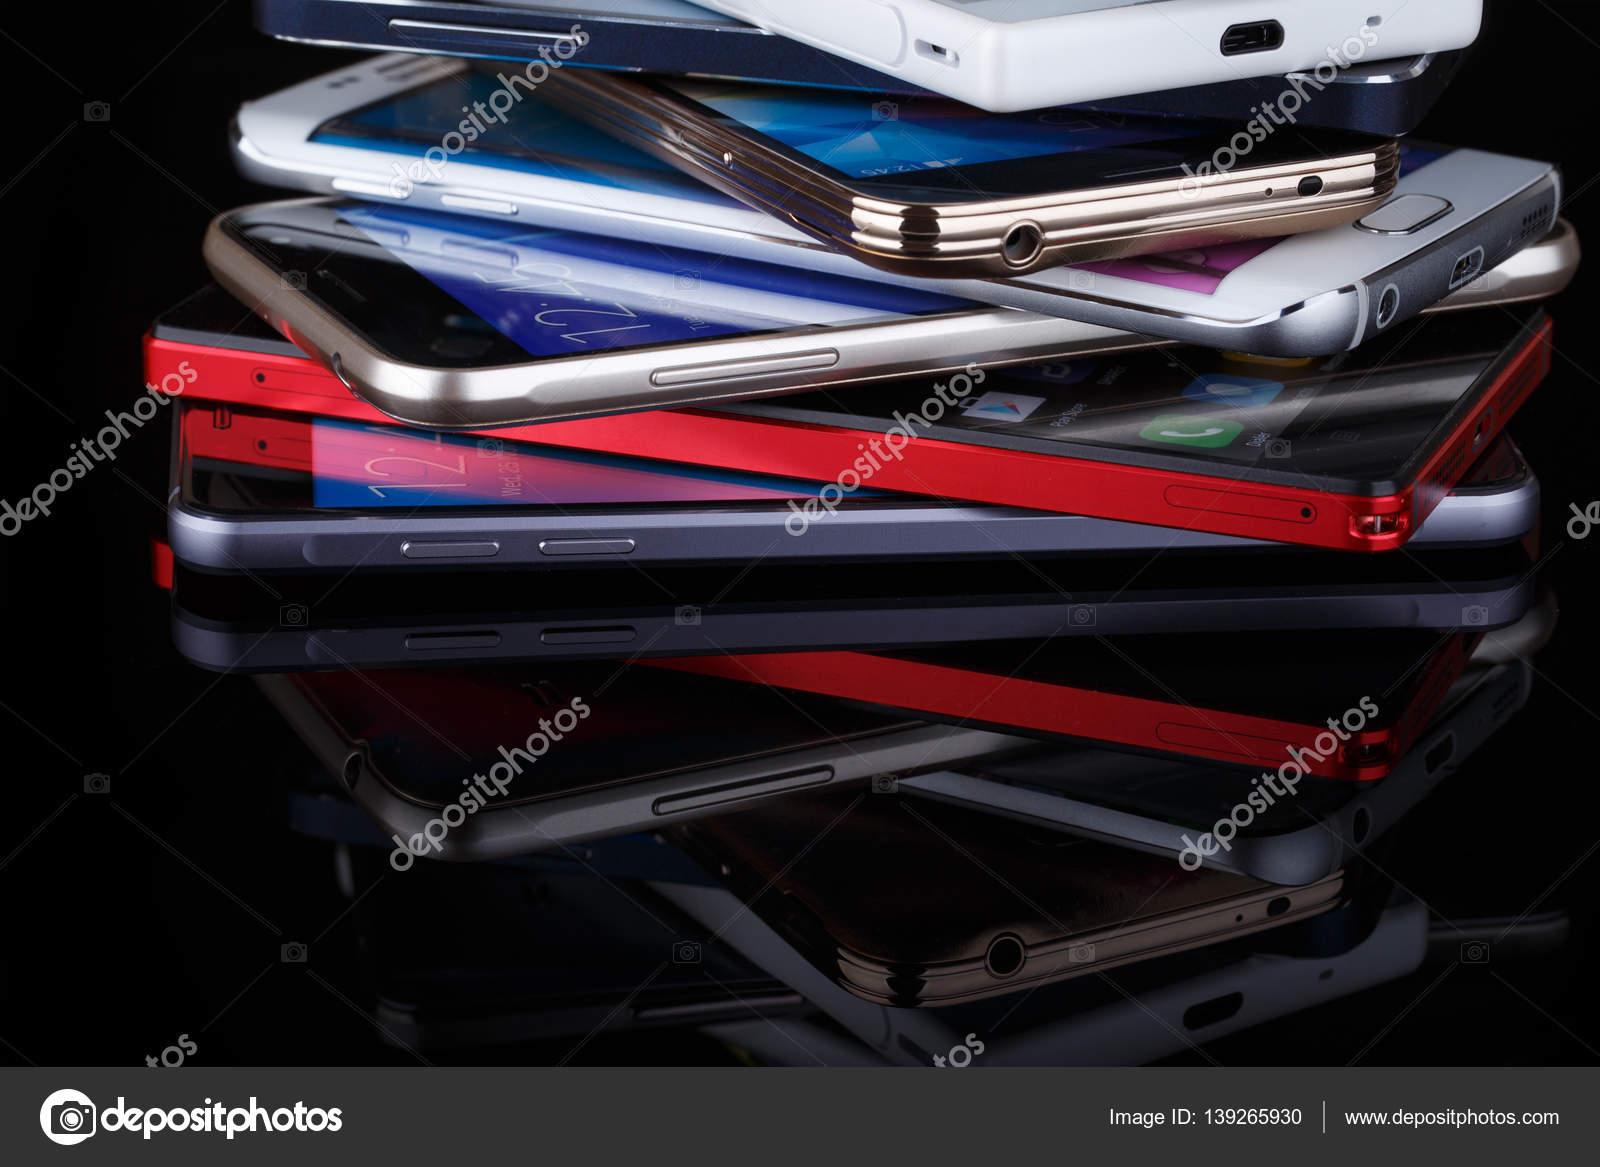 Handy-drahtlose Kommunikation-Technologie und Mobilität busi ...